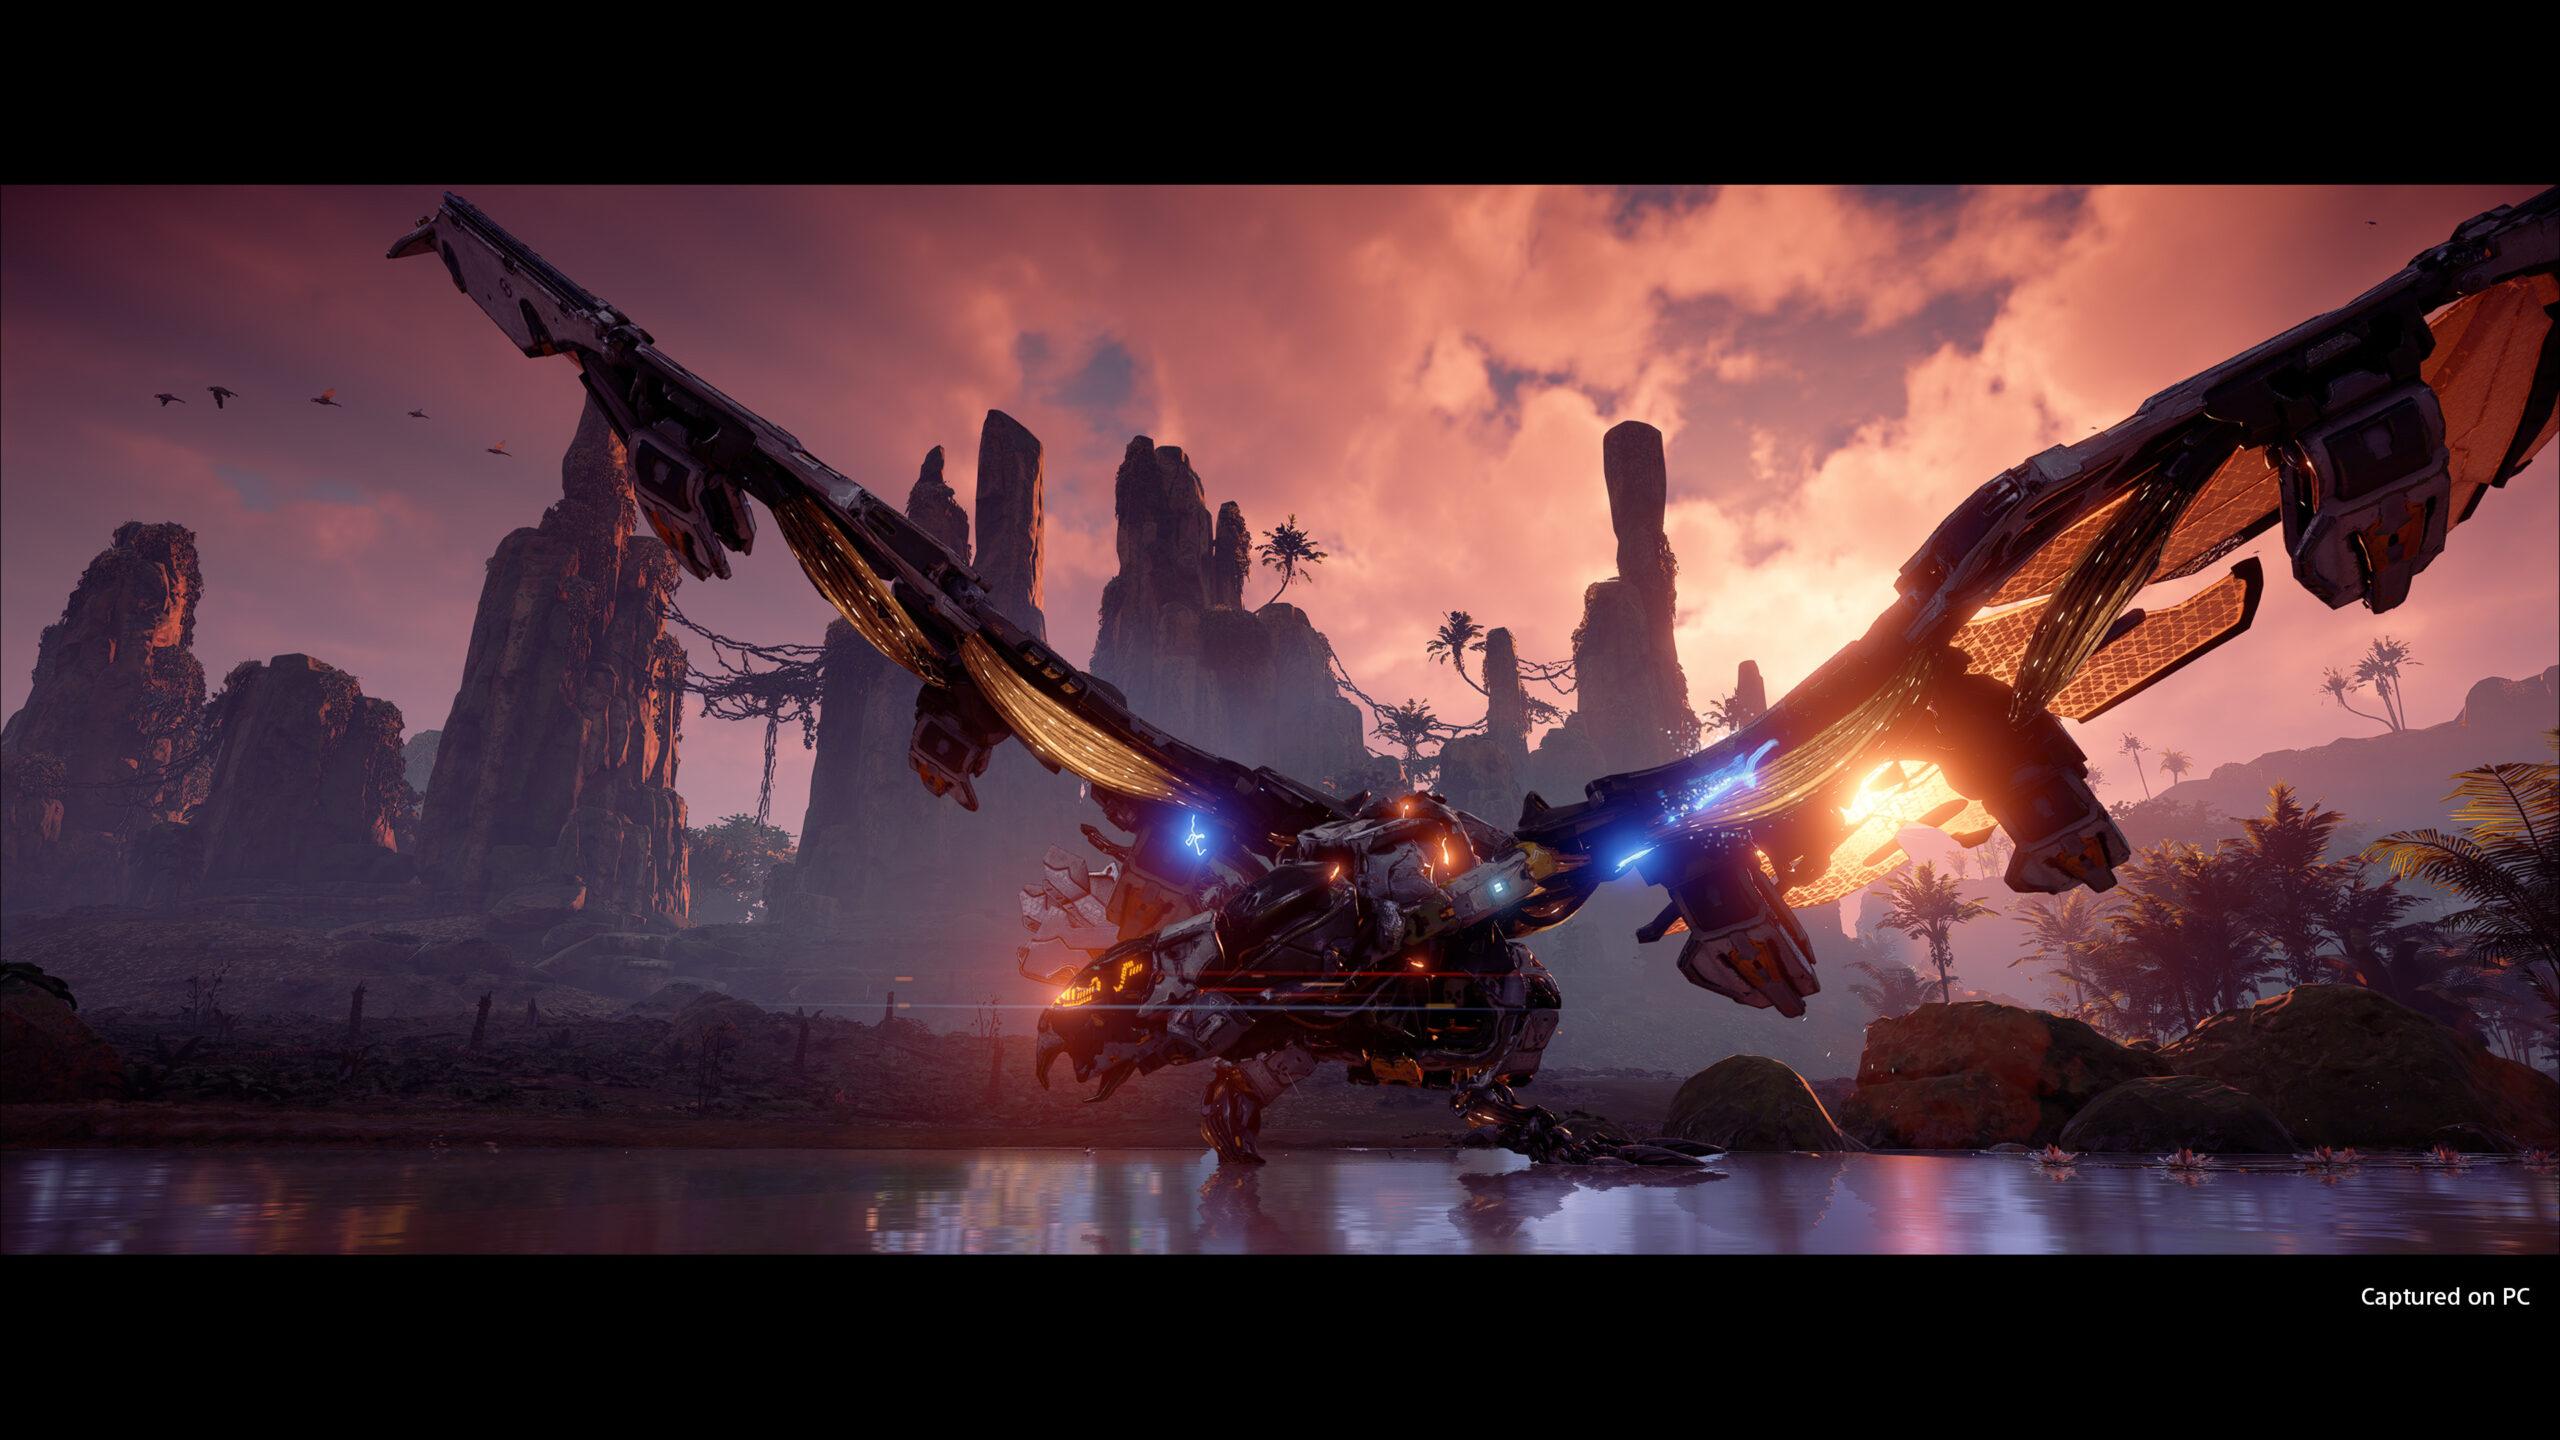 Horizon Zero Dawn PC Screen 3